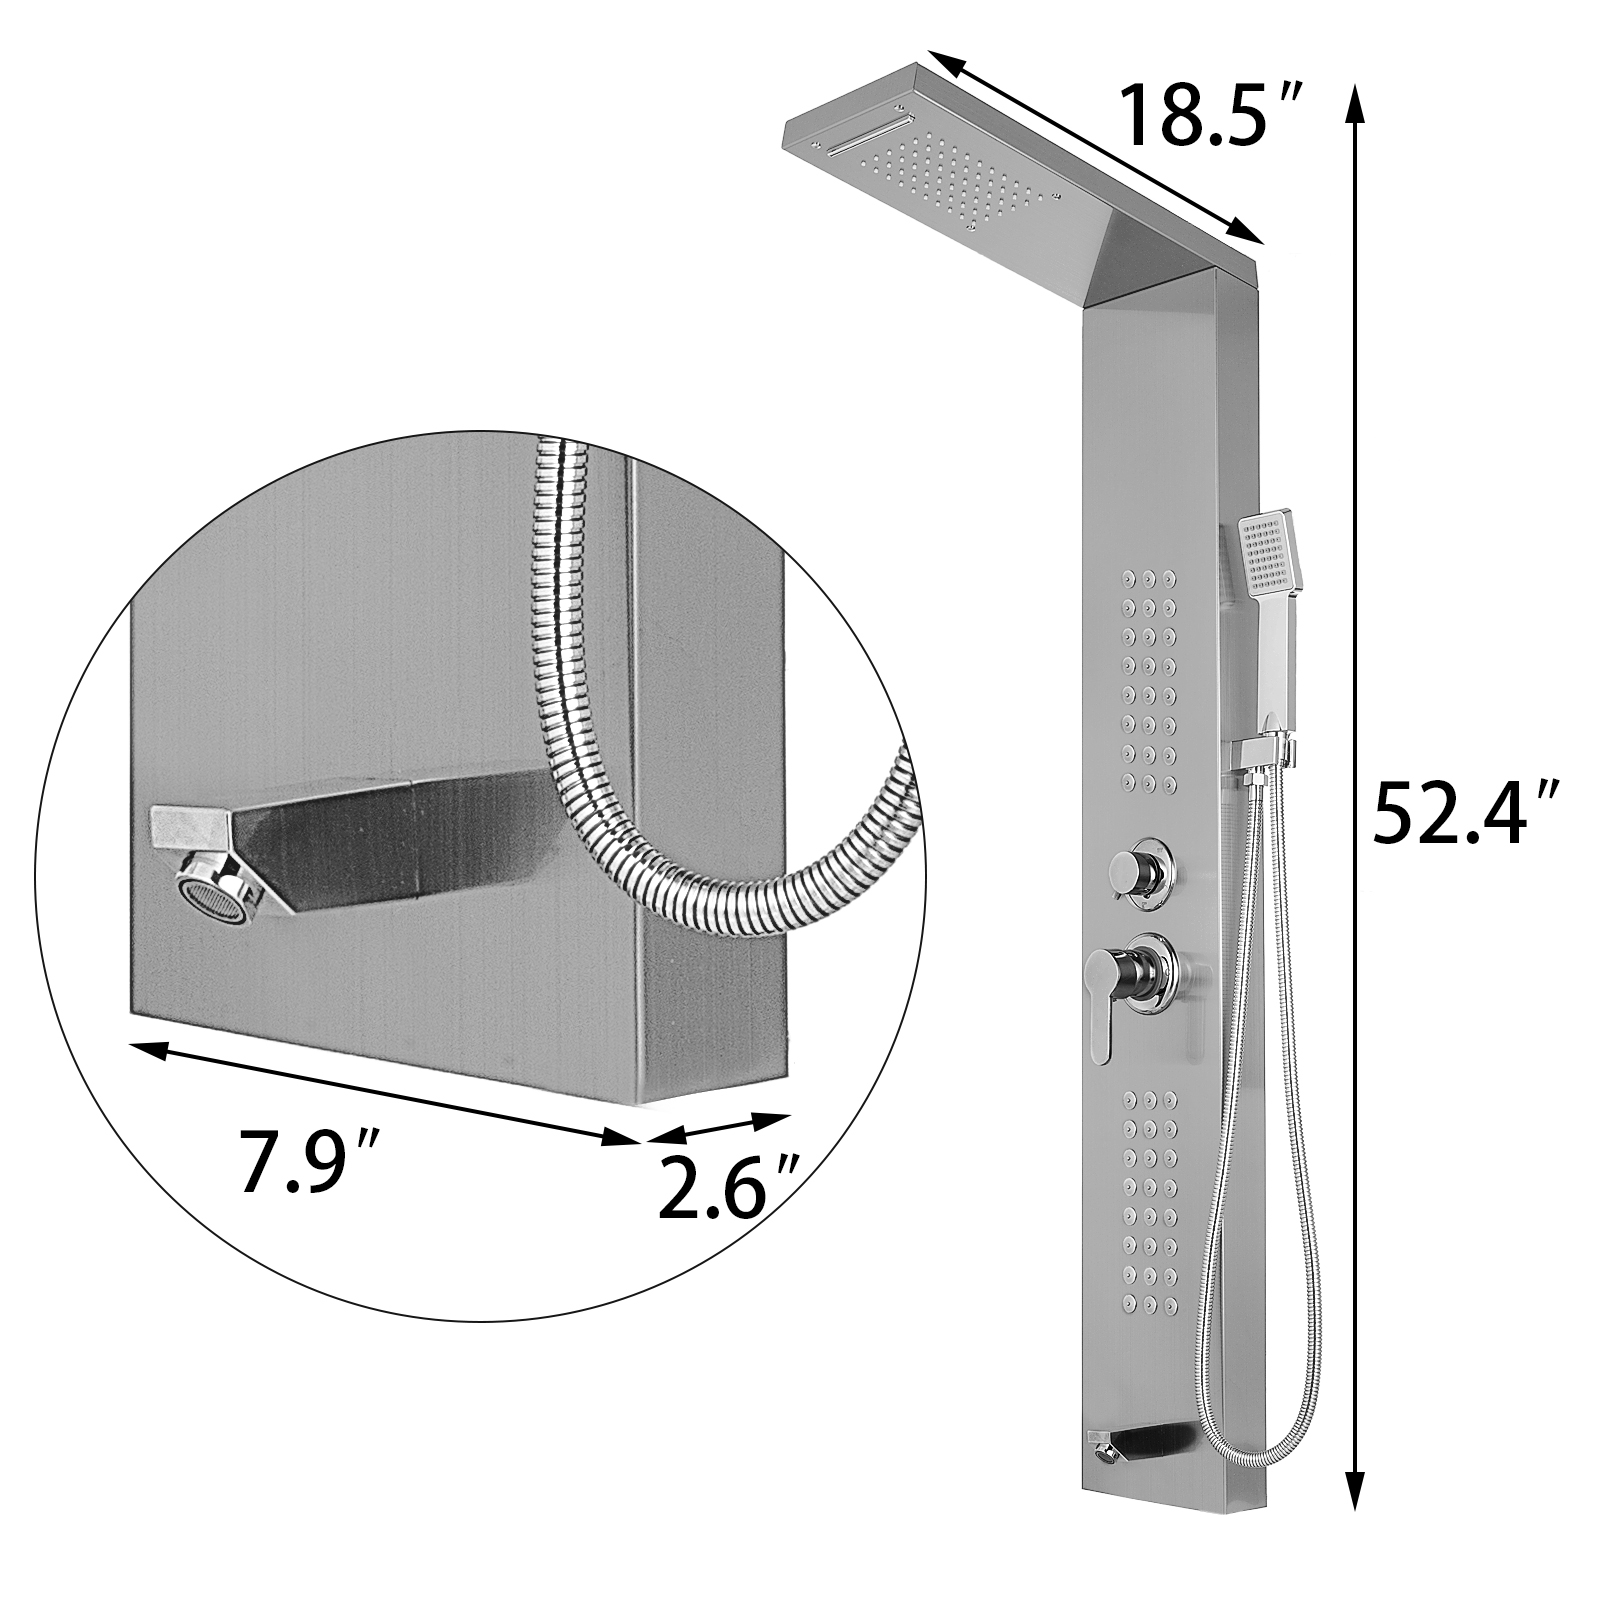 Pannello-doccia-idromassaggio-colonna-in-acciaio-inossidabile-con-miscelatore miniatura 62